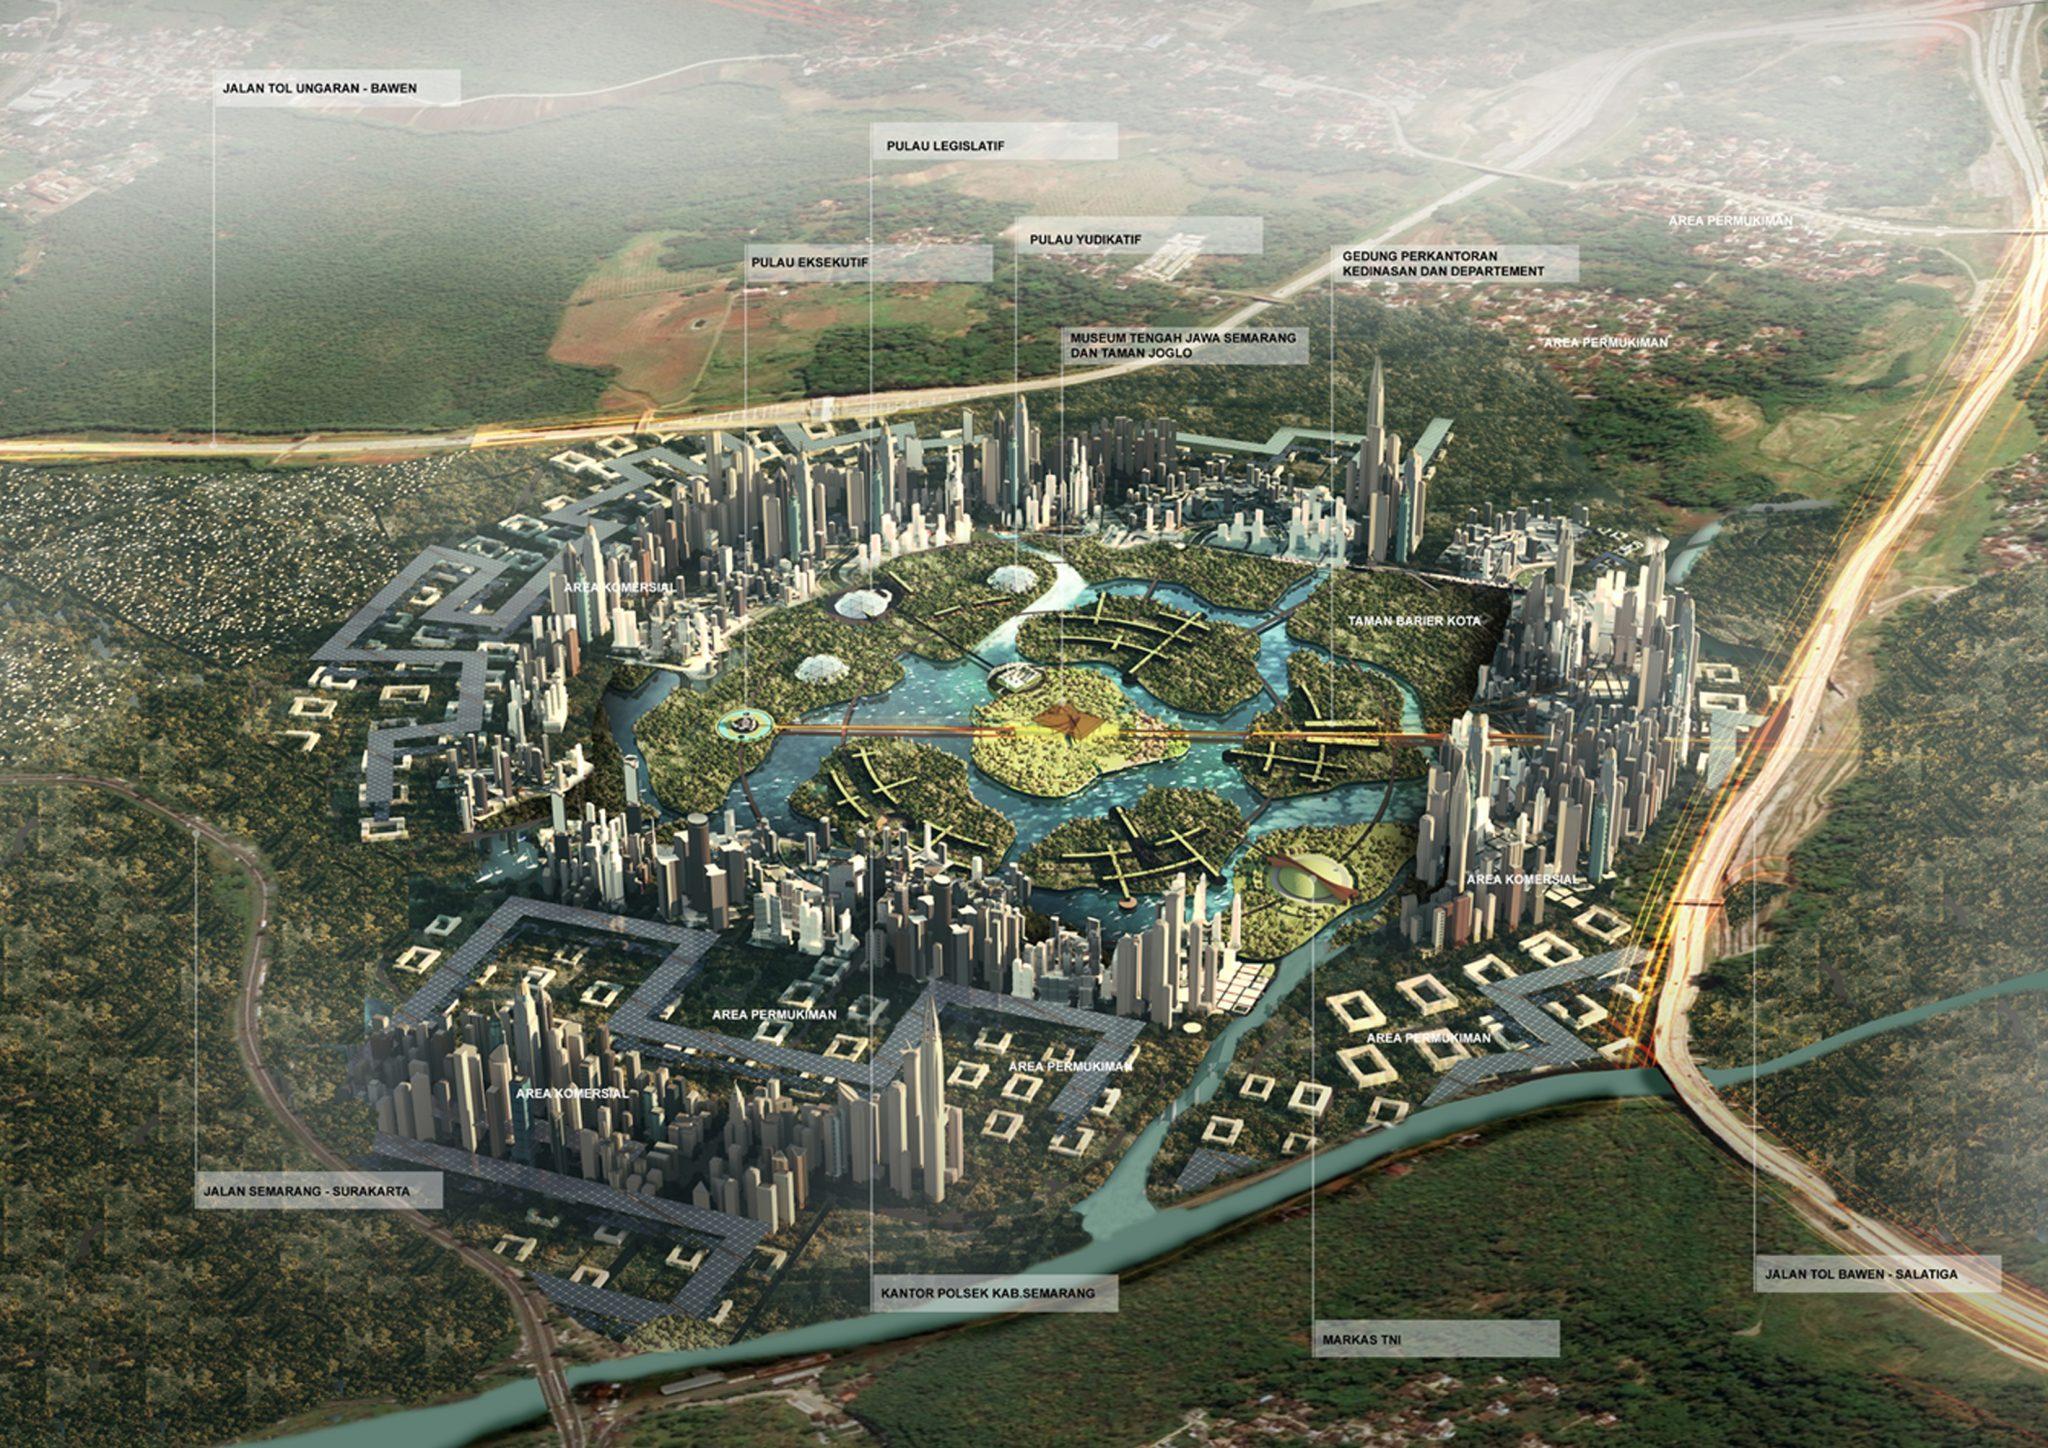 Semarang Regency Capital Masterplan